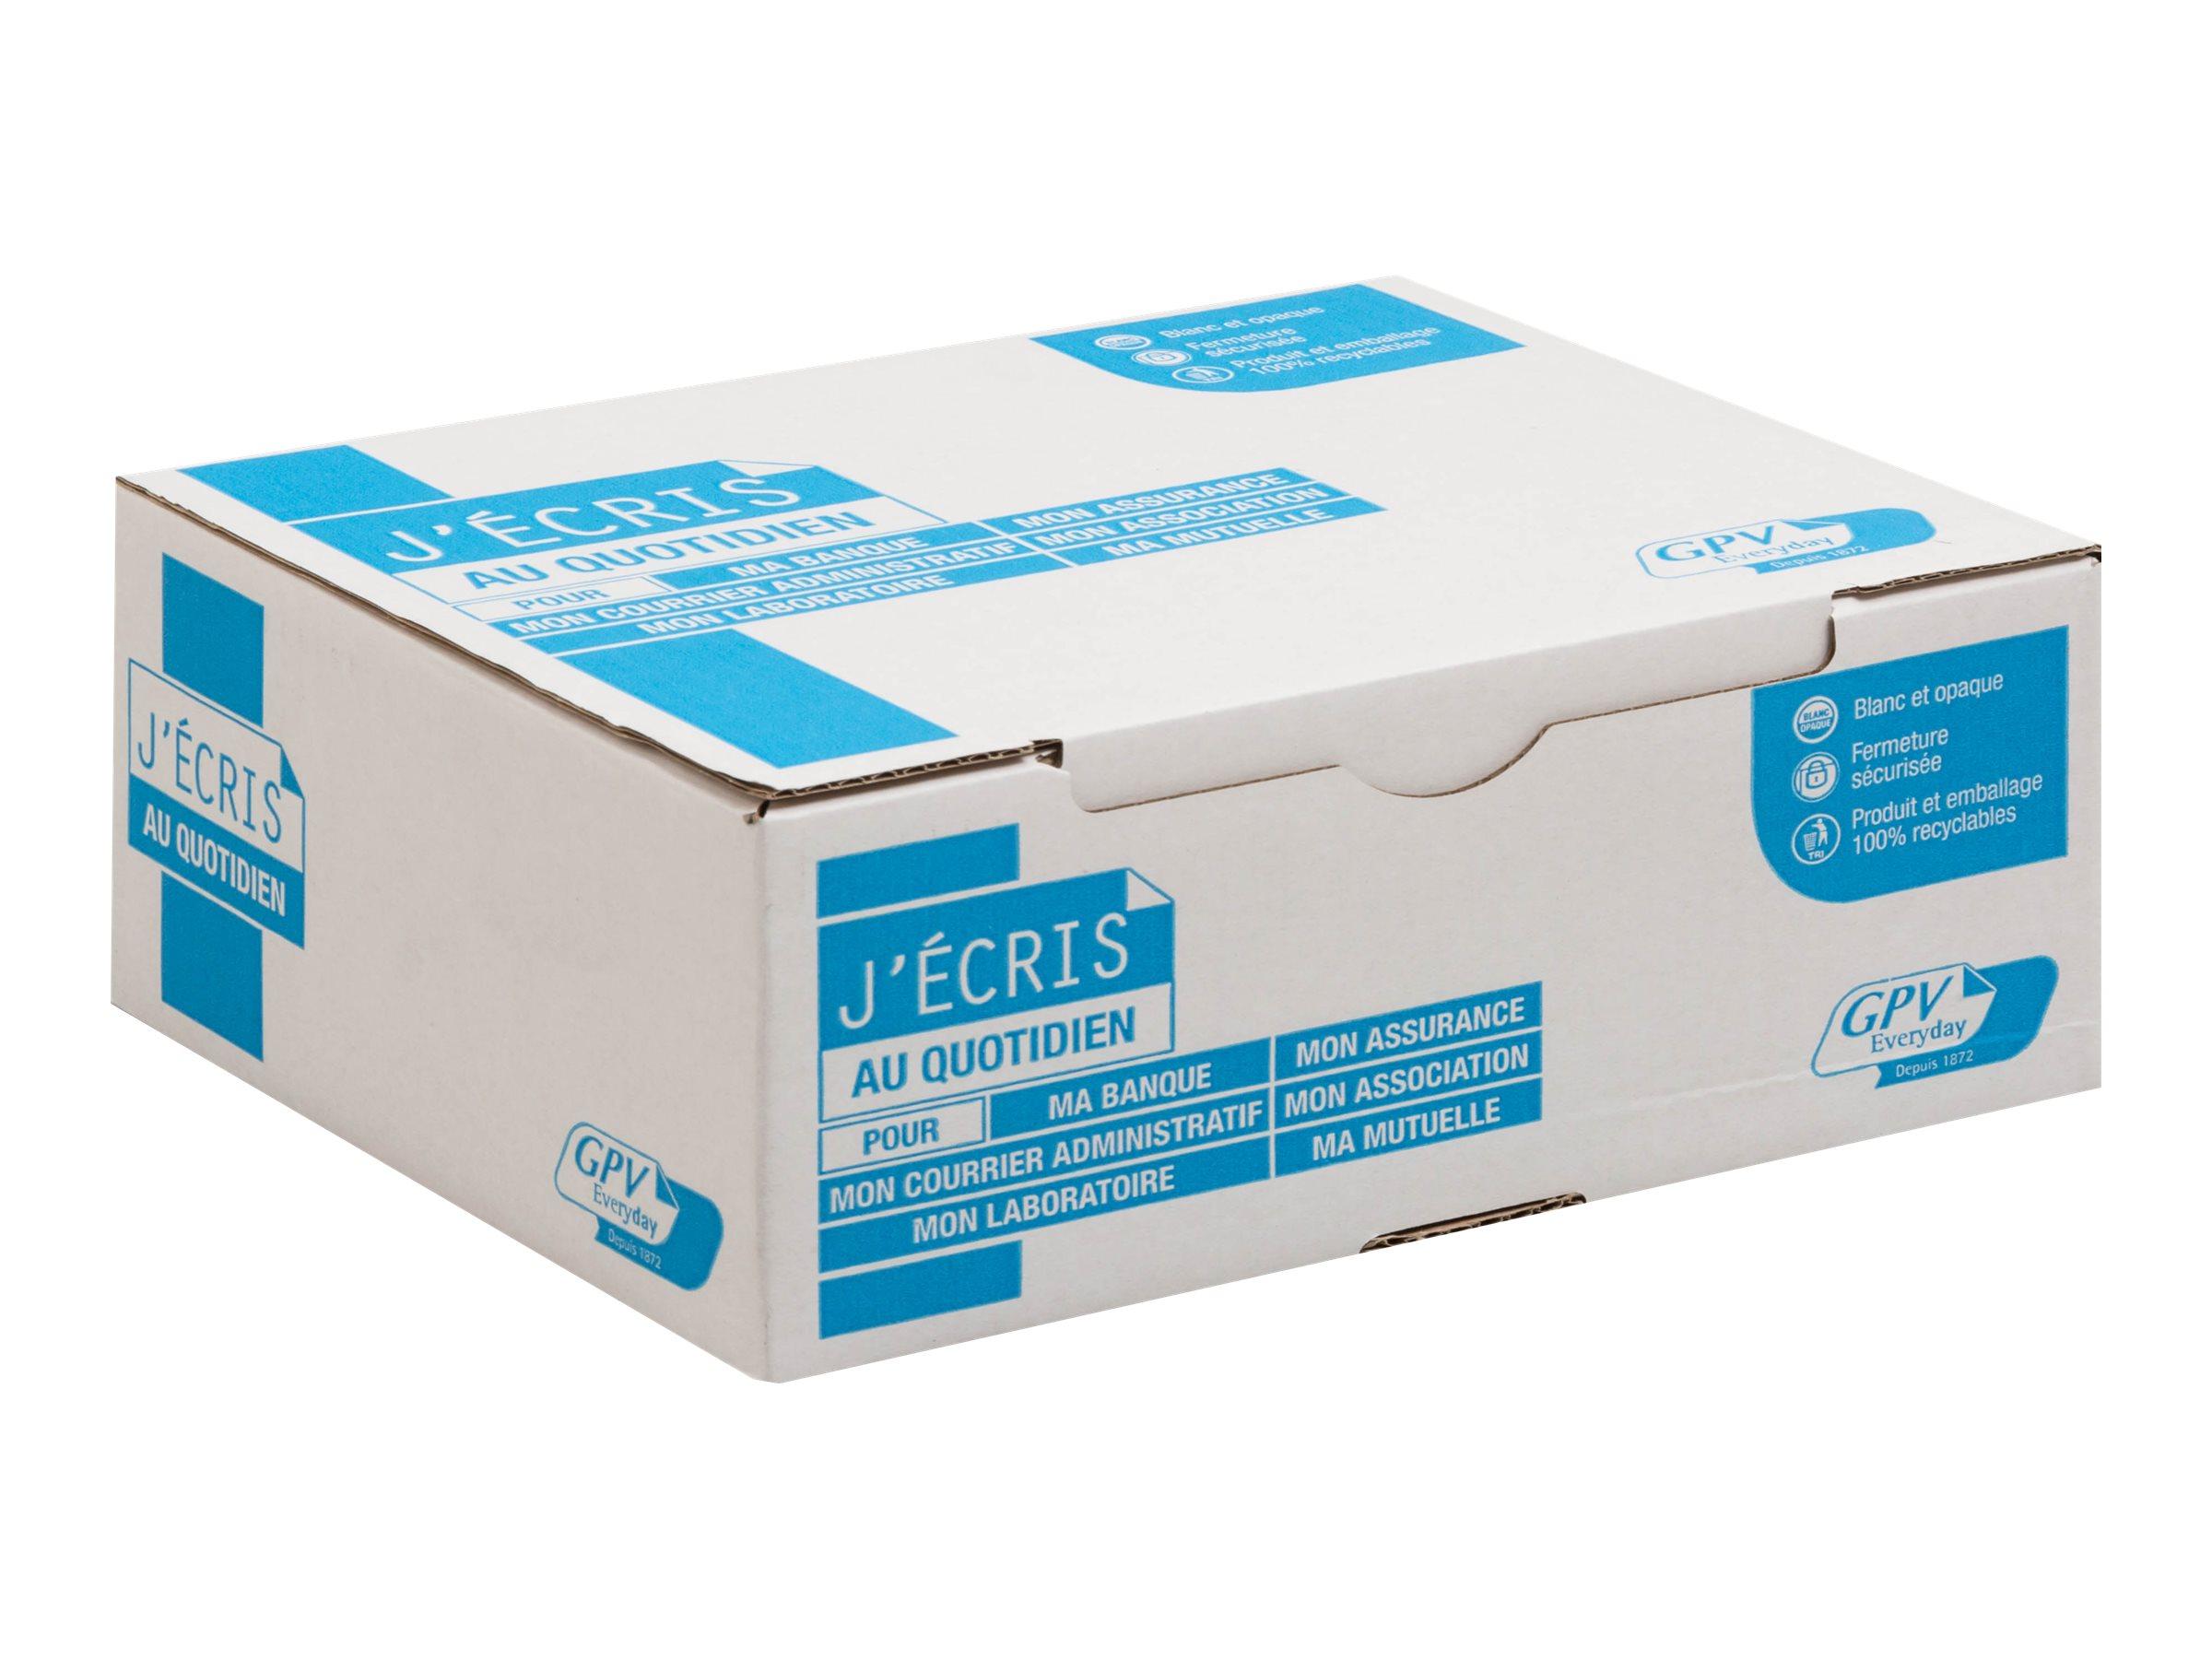 GPV - 500 Enveloppes DL 110 x 220 mm - 90 gr - fenêtre 45x100 mm - blanc - bande adhésive ouverture rapide